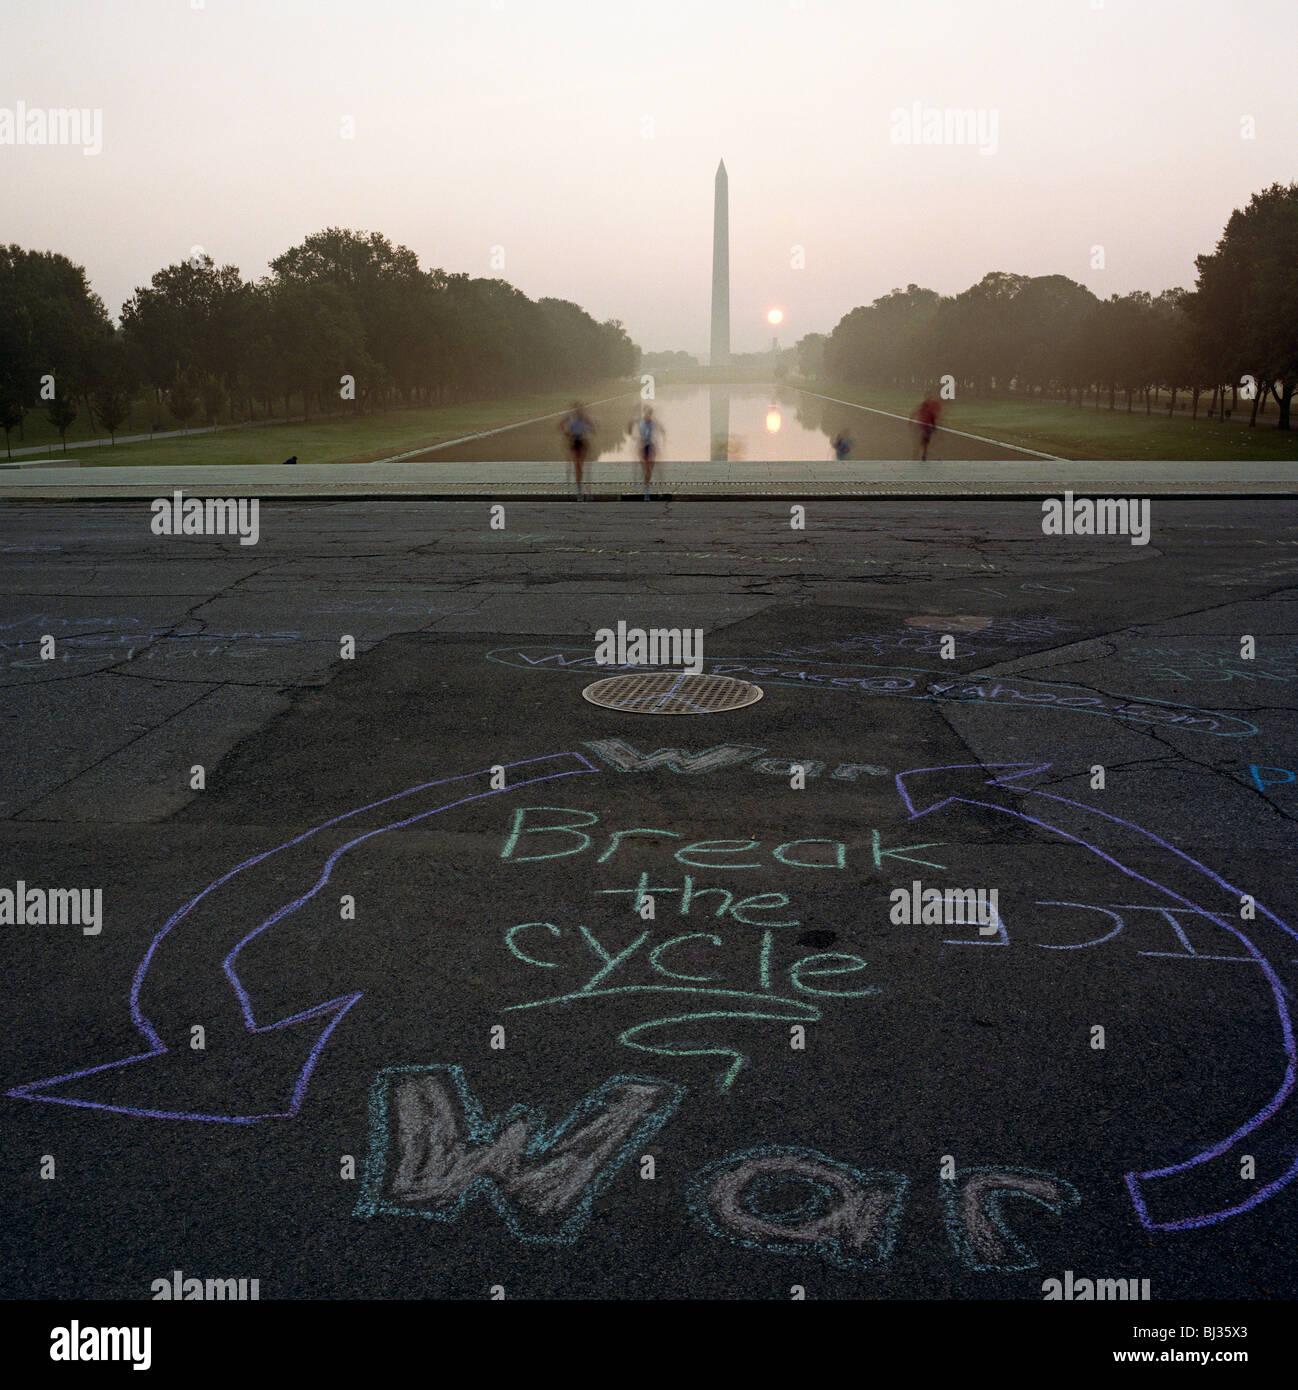 Anti-graffiti di guerra scritto in una circolare chalk grafica sul percorso nella parte anteriore del Lincoln Memorial Immagini Stock